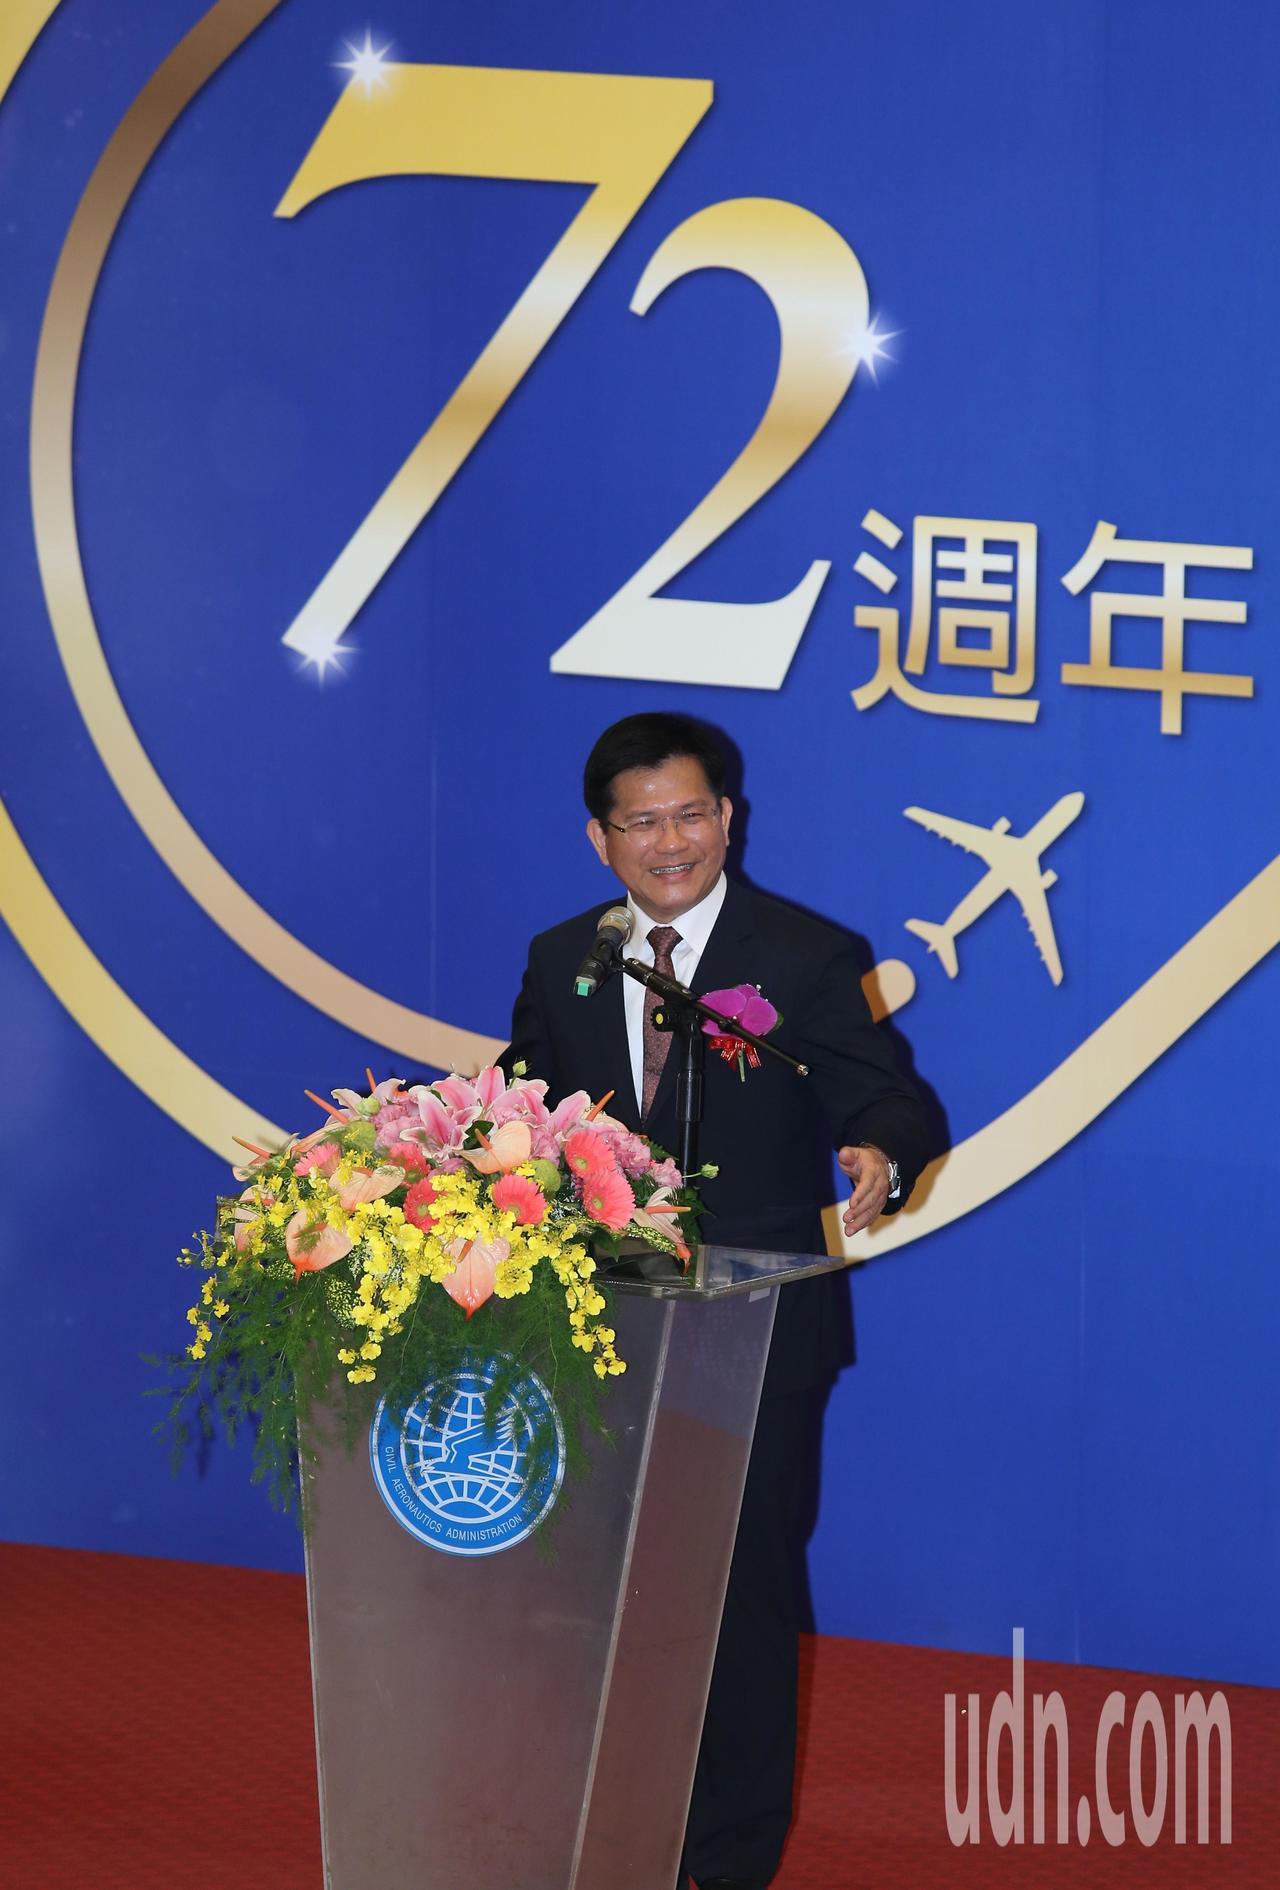 交通部長林佳龍上午出席民航局72周年局慶,強調「建設不分顏色」,會跟地方一起努力...